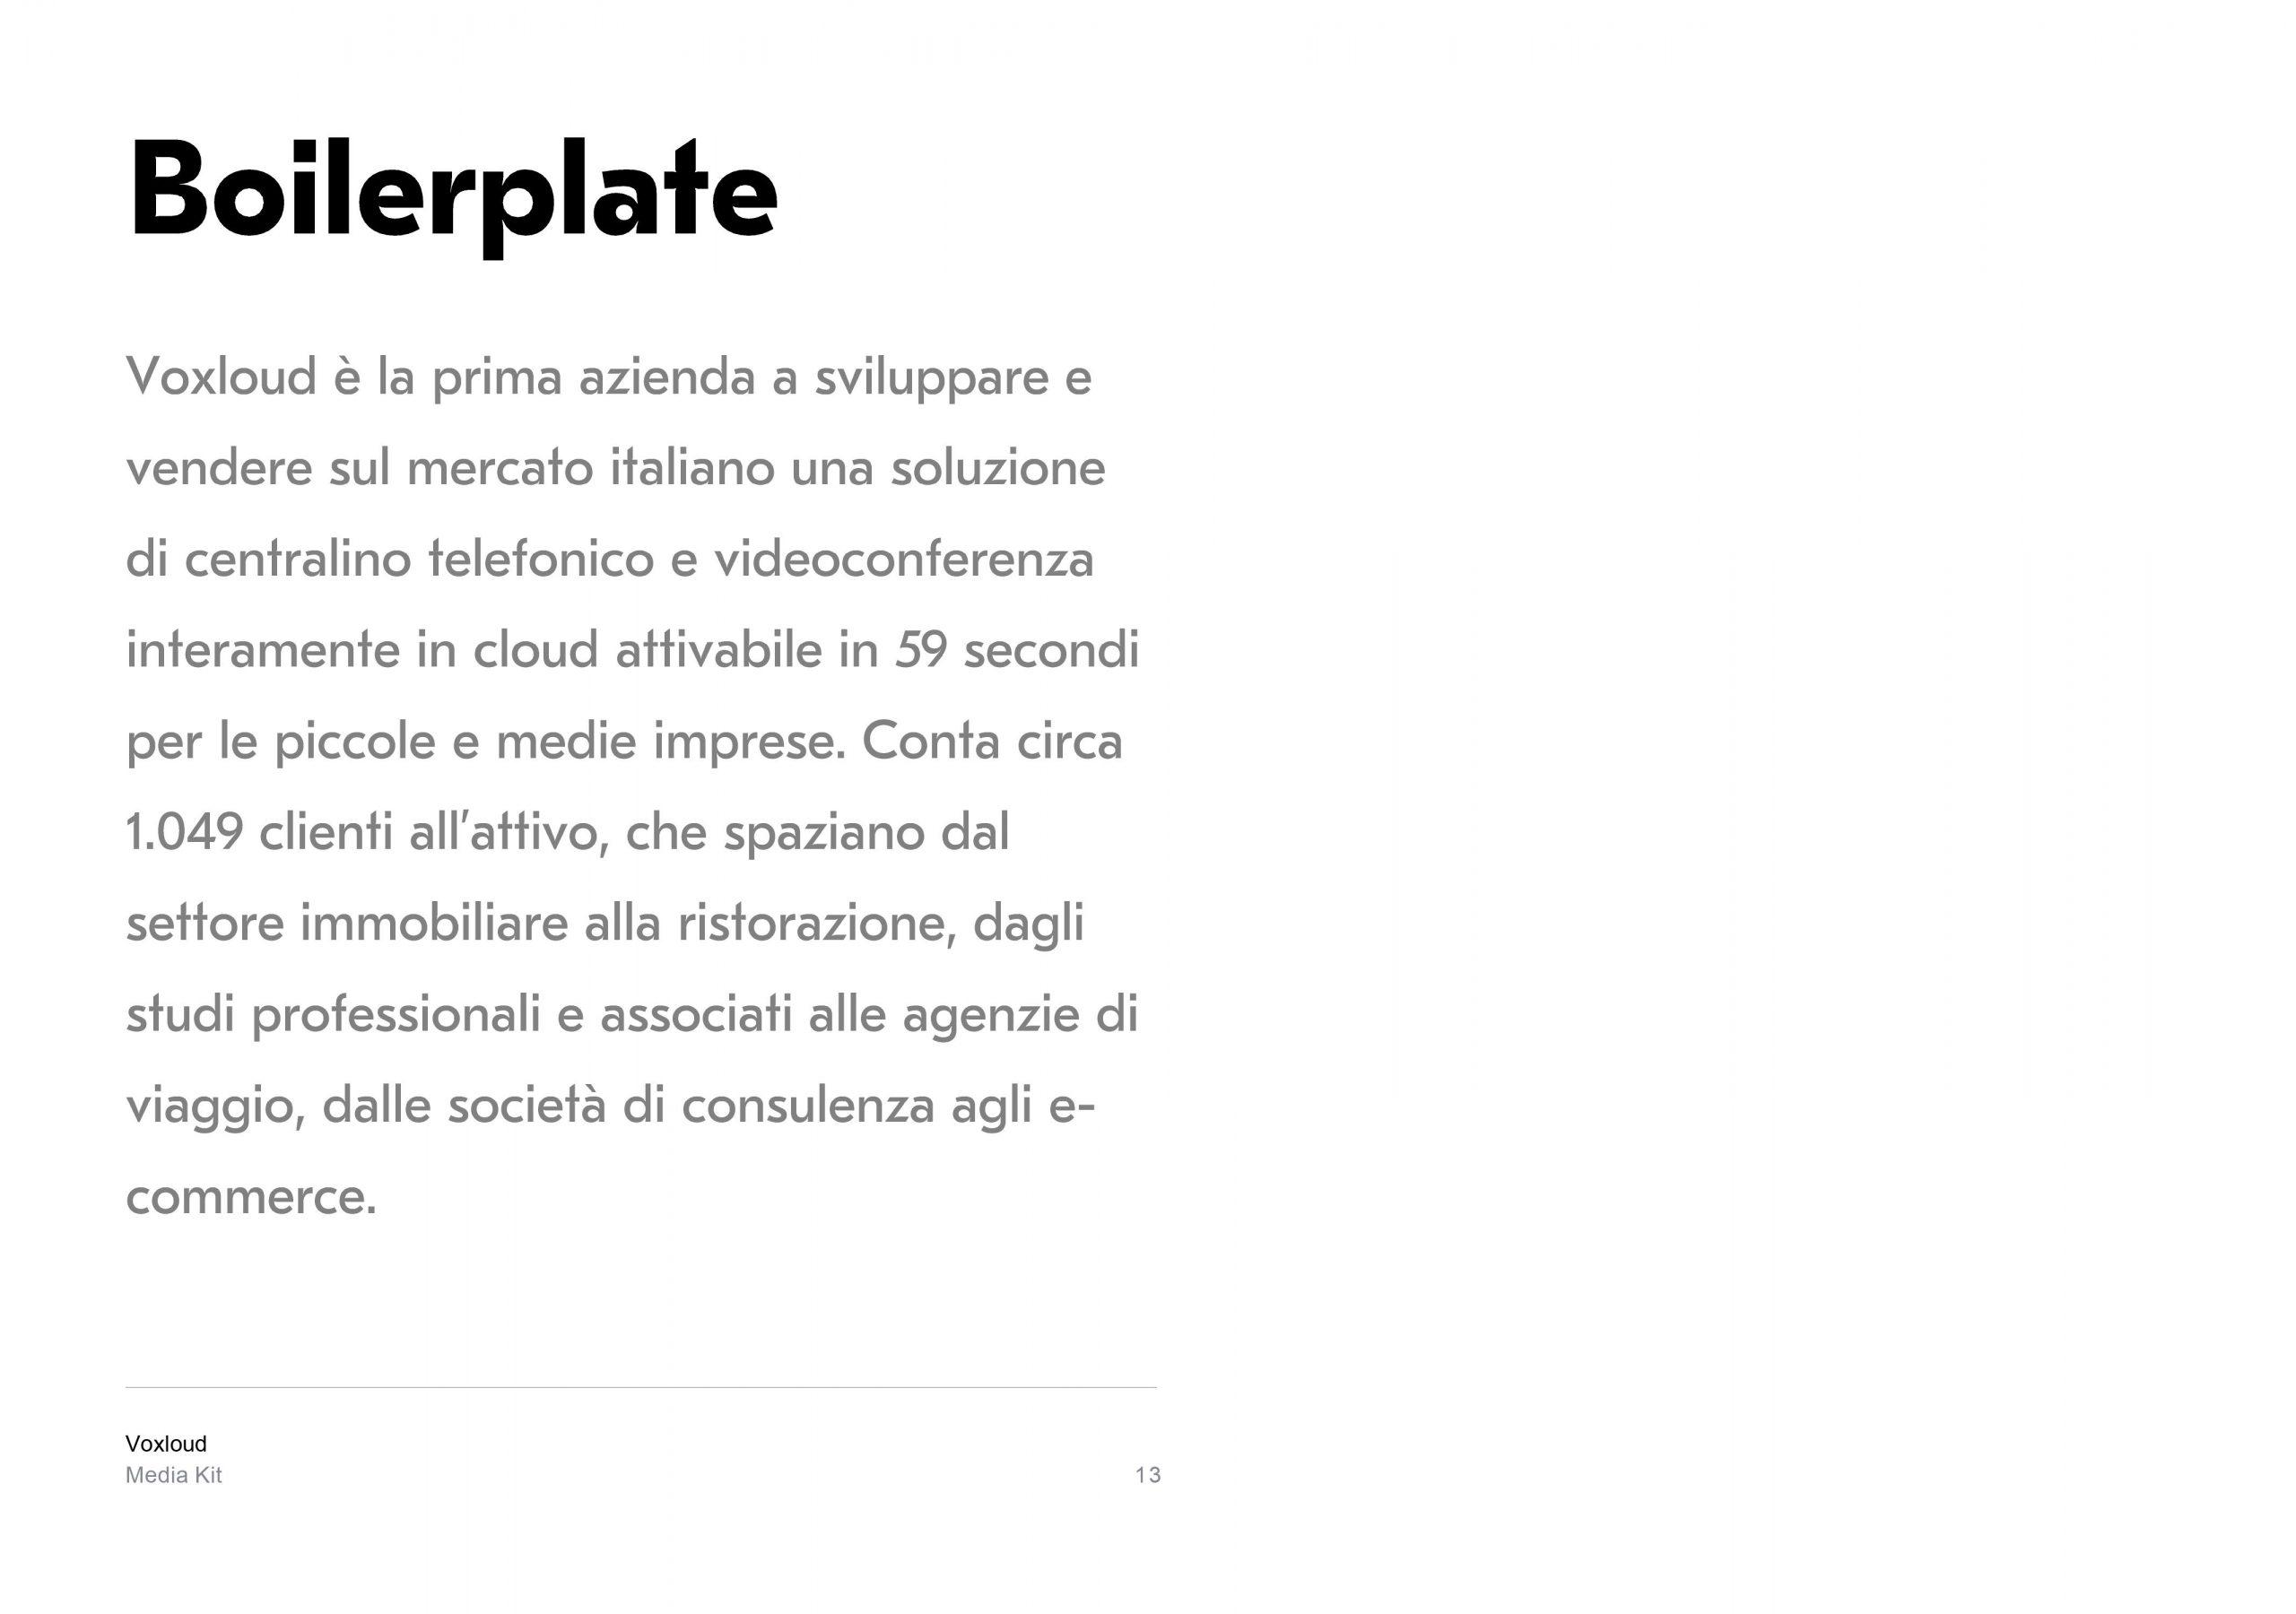 Voxloud Media Kit_IT_13